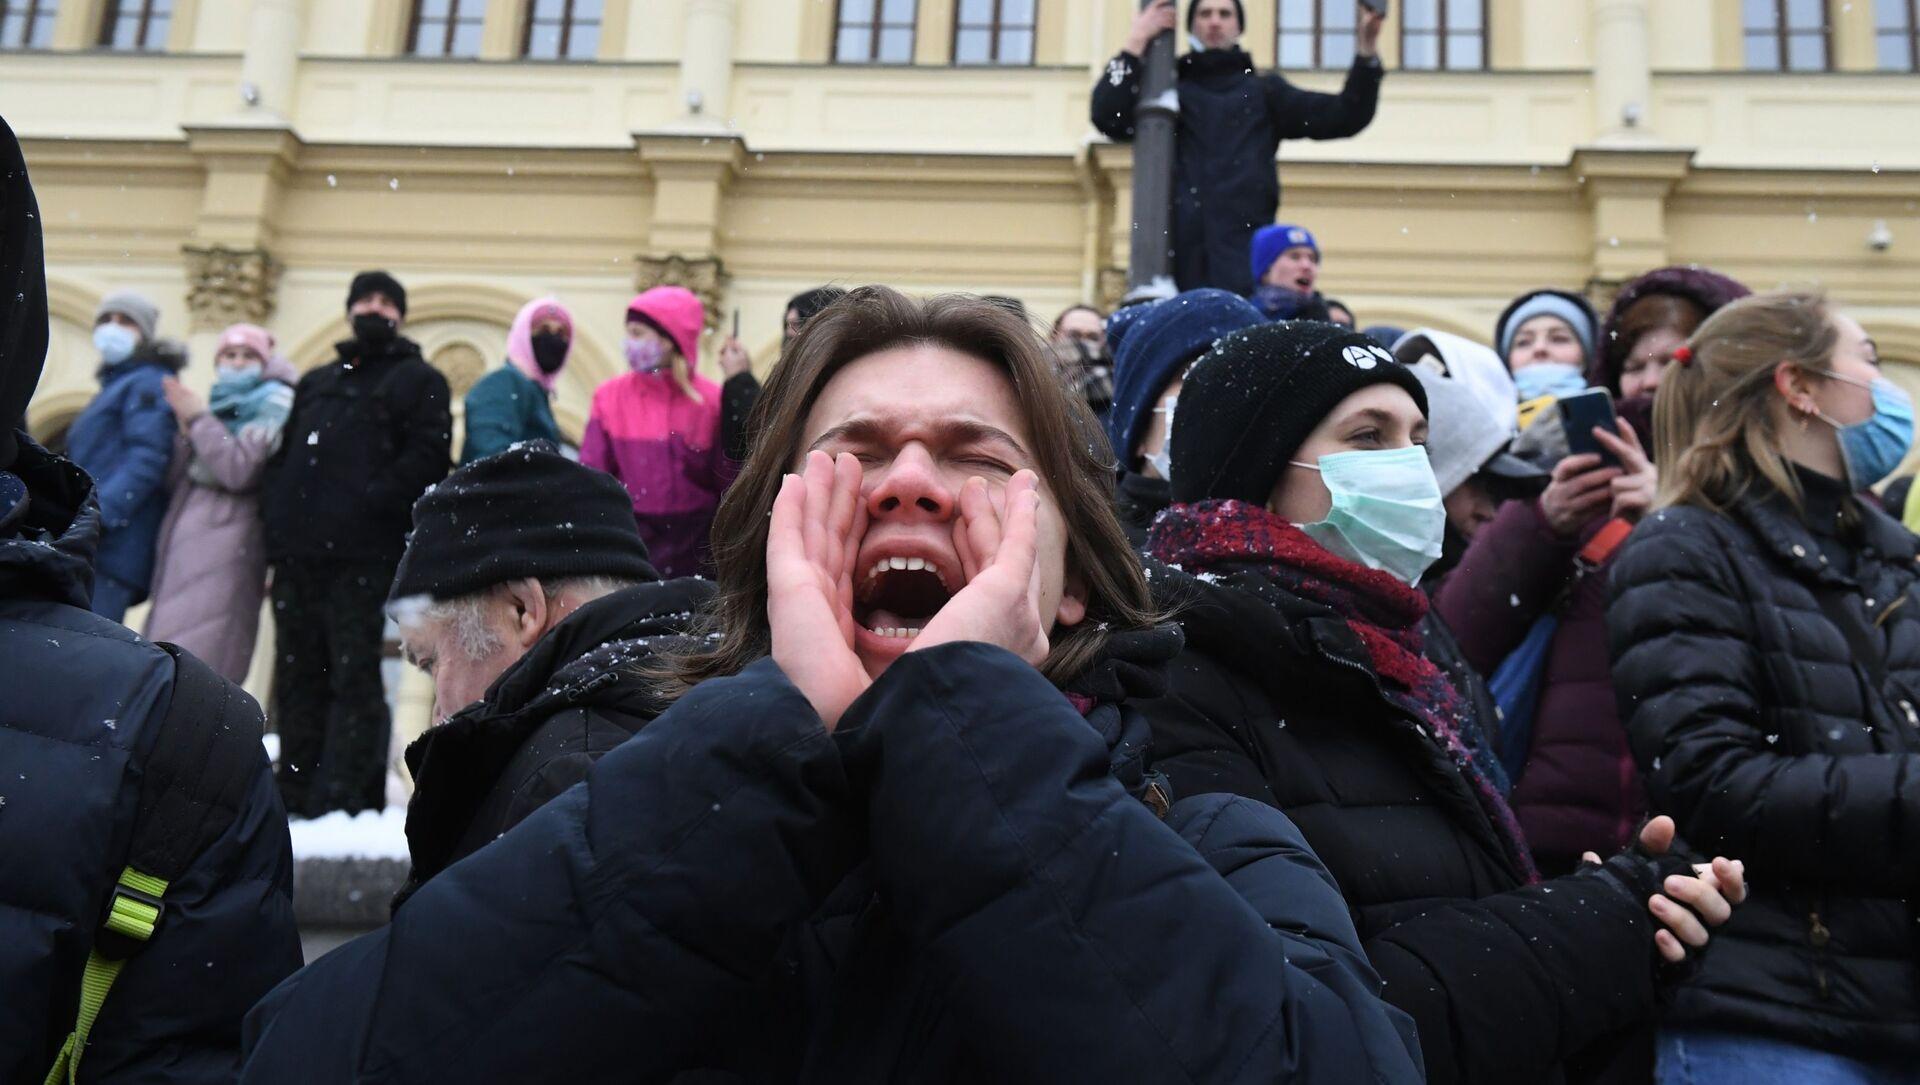 Uczestnicy nielegalnego protestu zwolenników Aleksieja Nawalnego w Moskwie - Sputnik Polska, 1920, 04.02.2021